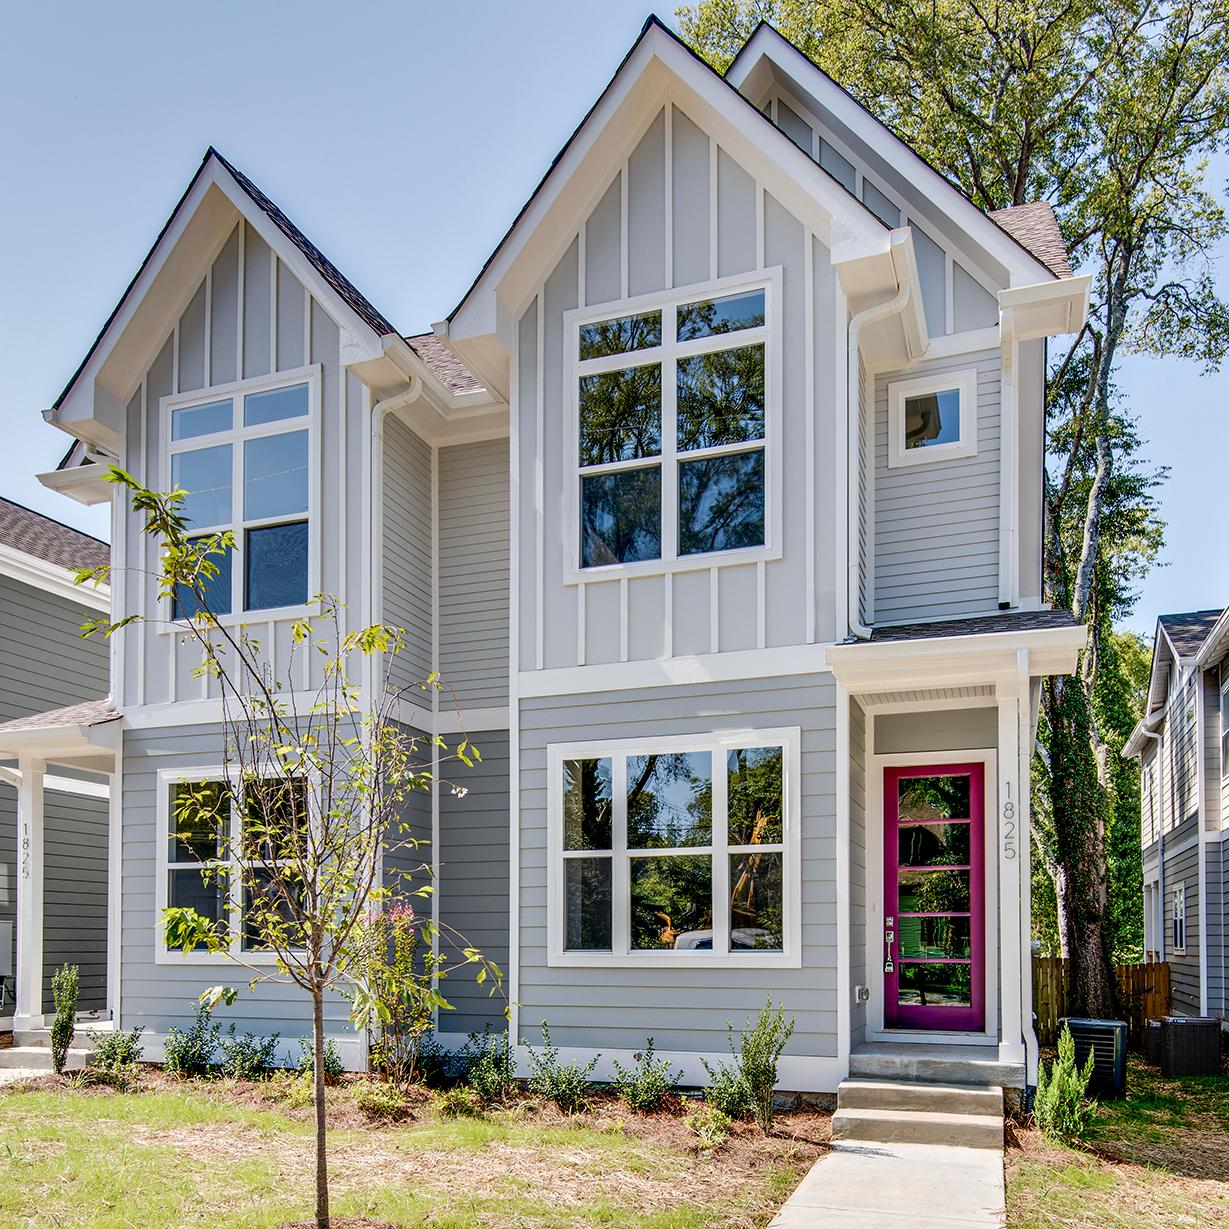 House-Plans-Online-Duplex-Nashville-Peggy-Newman-Elevation-Patio-1825.jpg